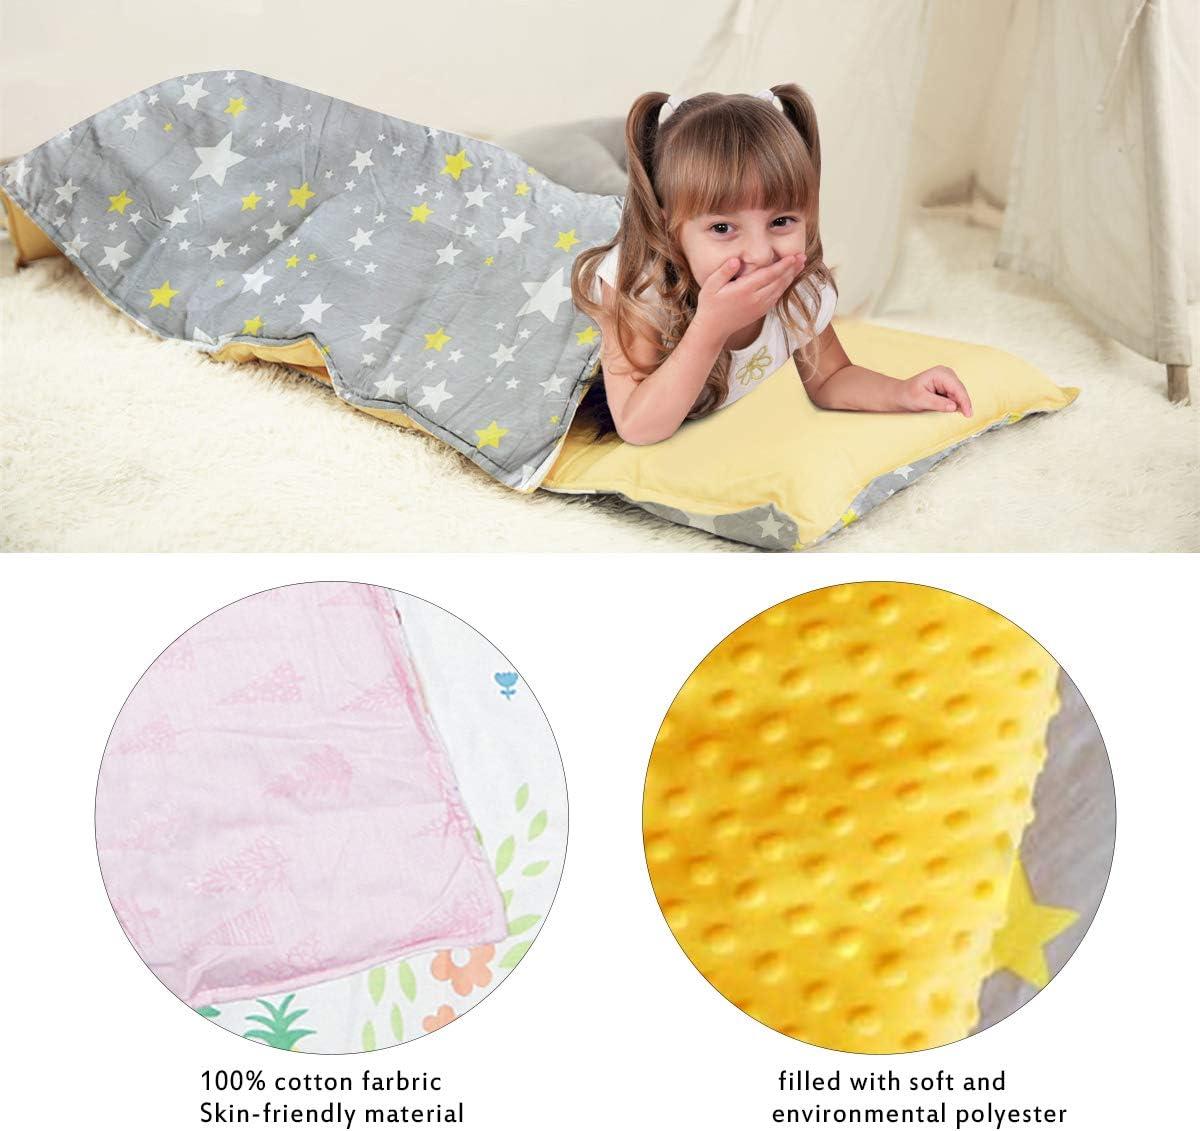 Cactus Tapis l/éger et doux pour enfants Toddler Tapis facile /à nettoyer pour b/éb/és pour enfants d/âge pr/éscolaire sac de couchage garderie